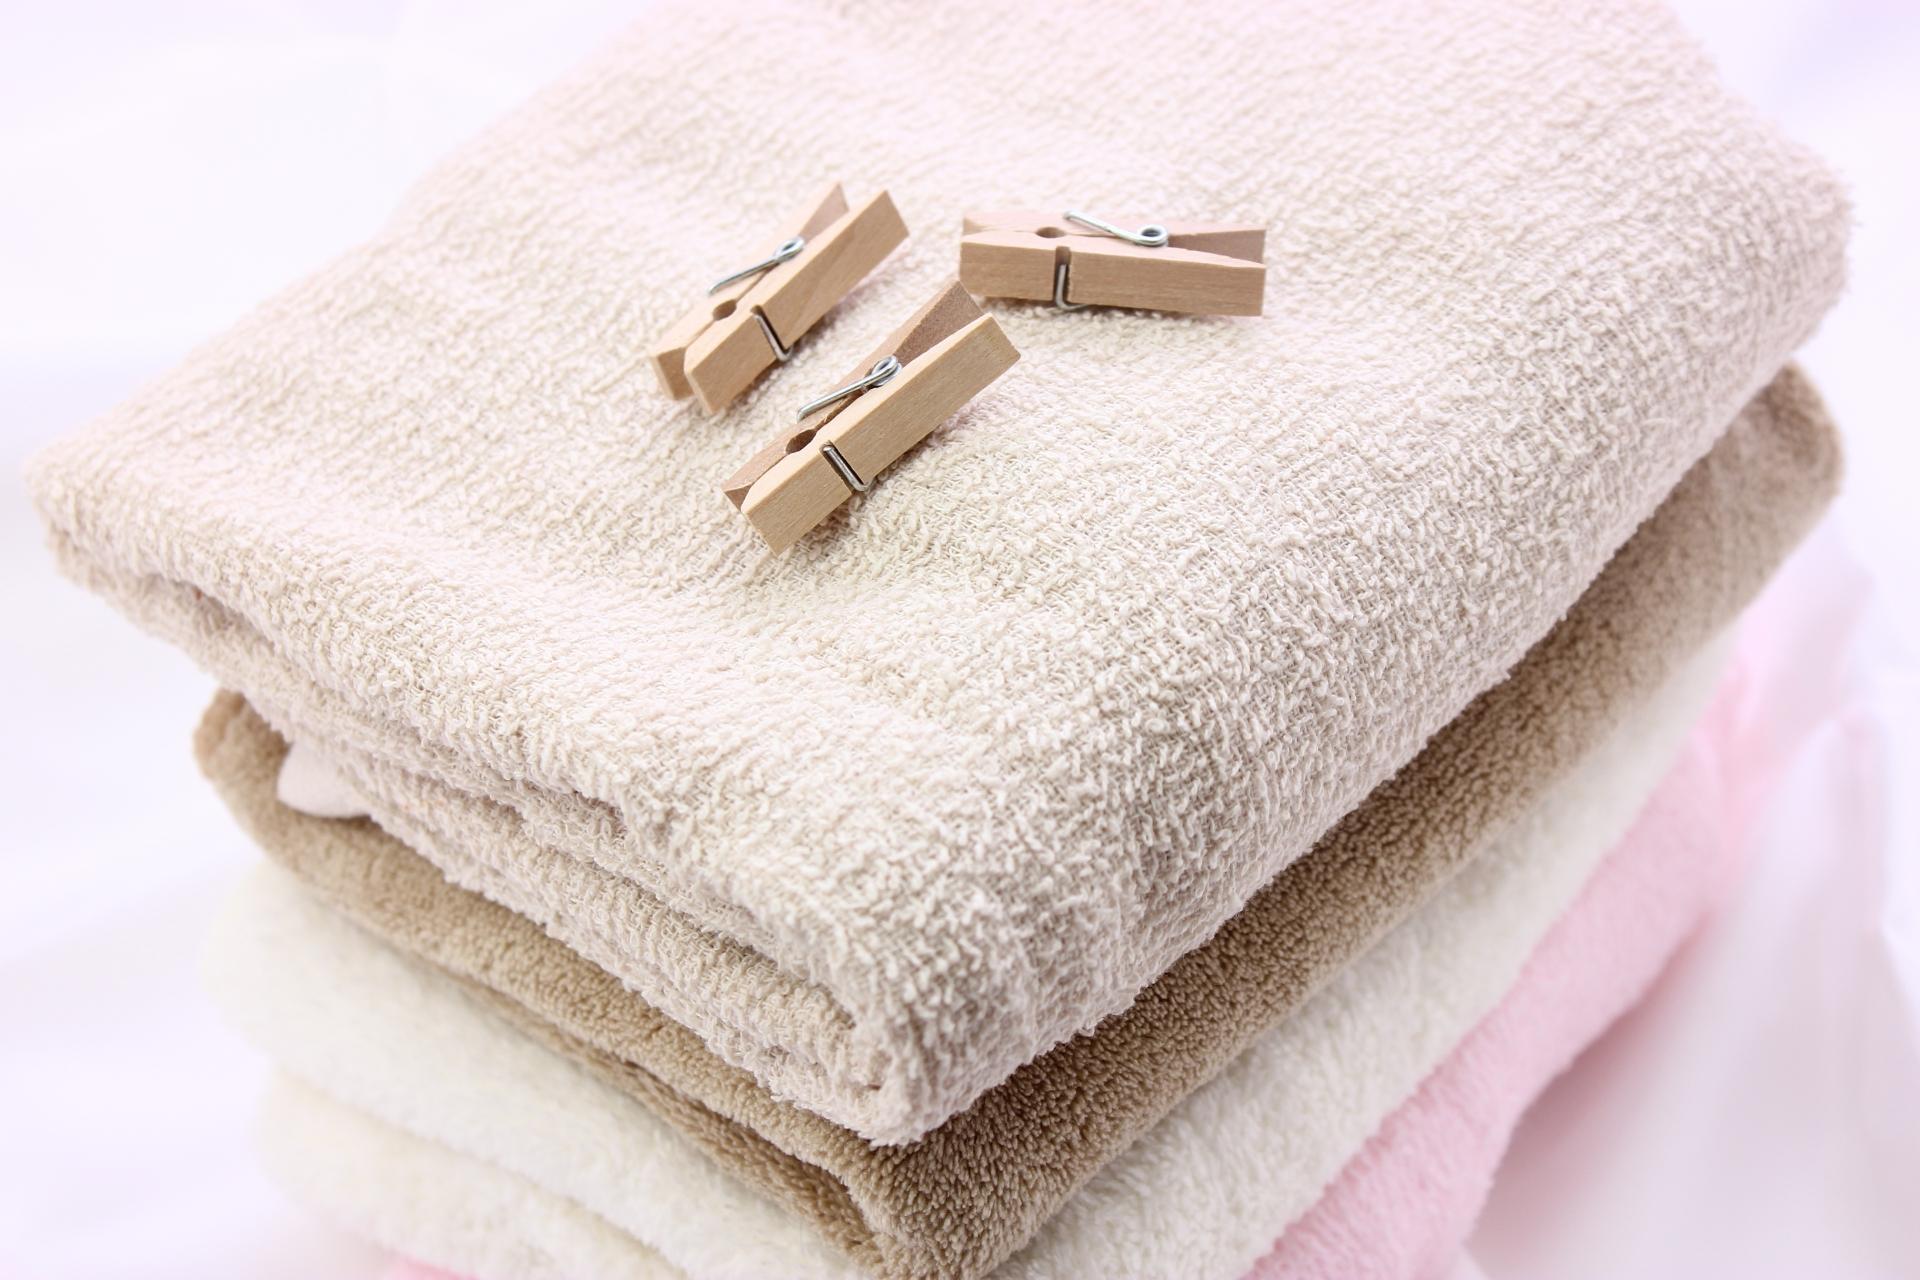 バスタオルのおすすめ7選!吸水性の良いふわふわ系も